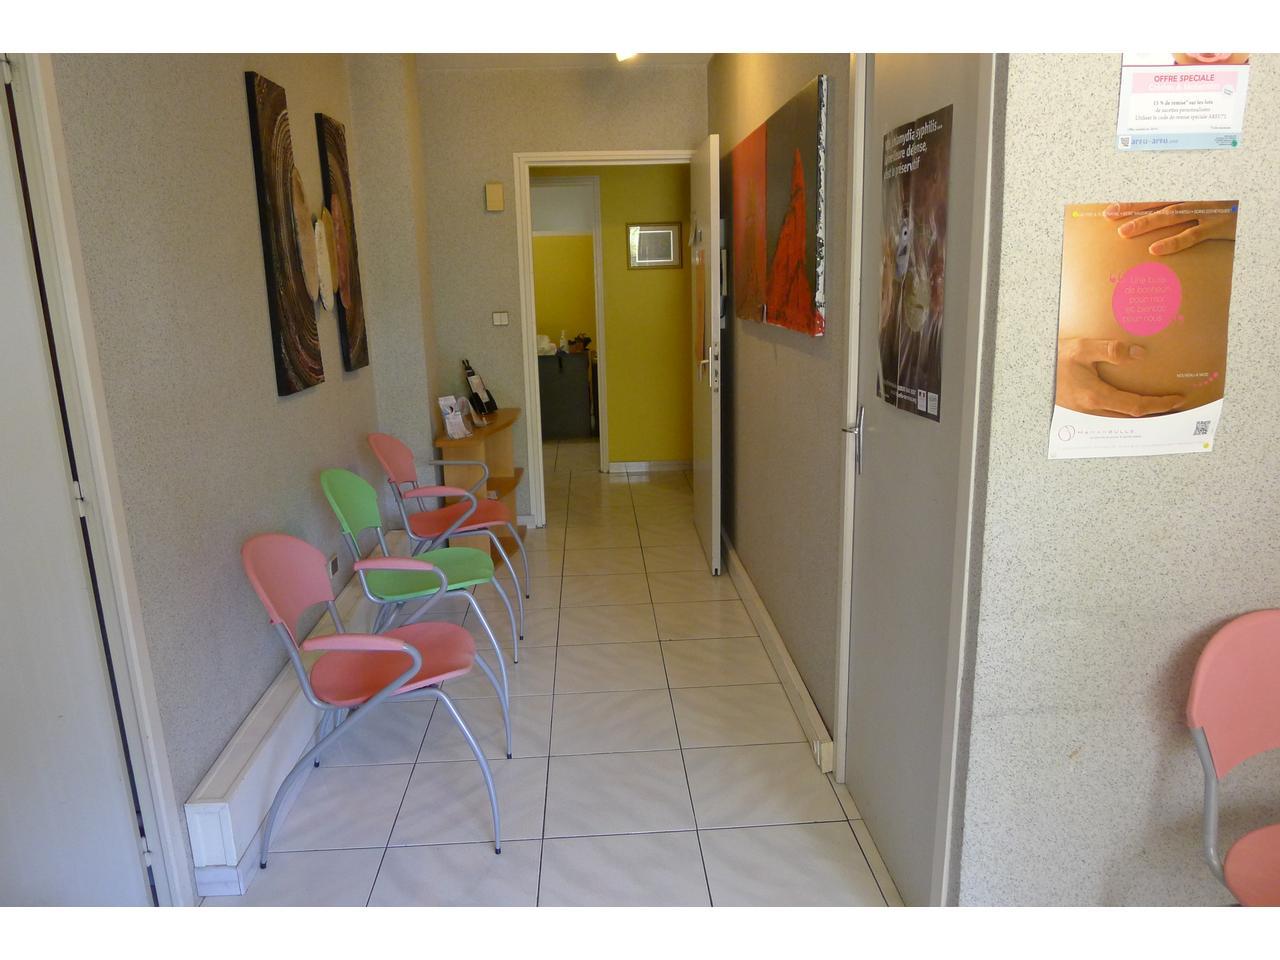 Immobilier bureau local professionnel nice rue de france for Bureau local